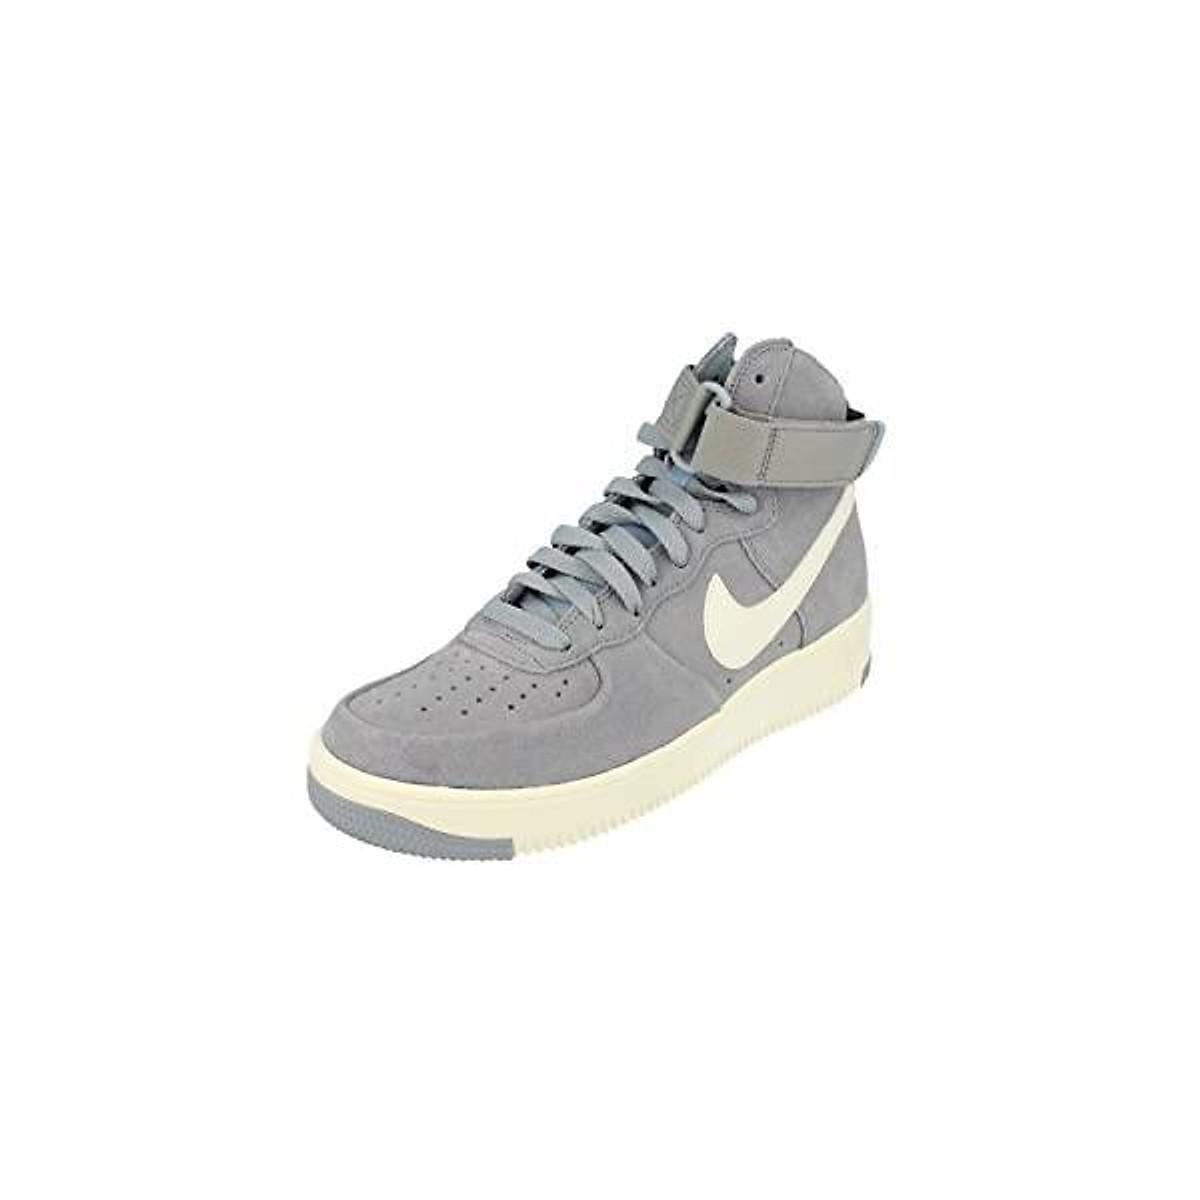 Đánh giá, review Giày Nike nữ Air Force 1 High